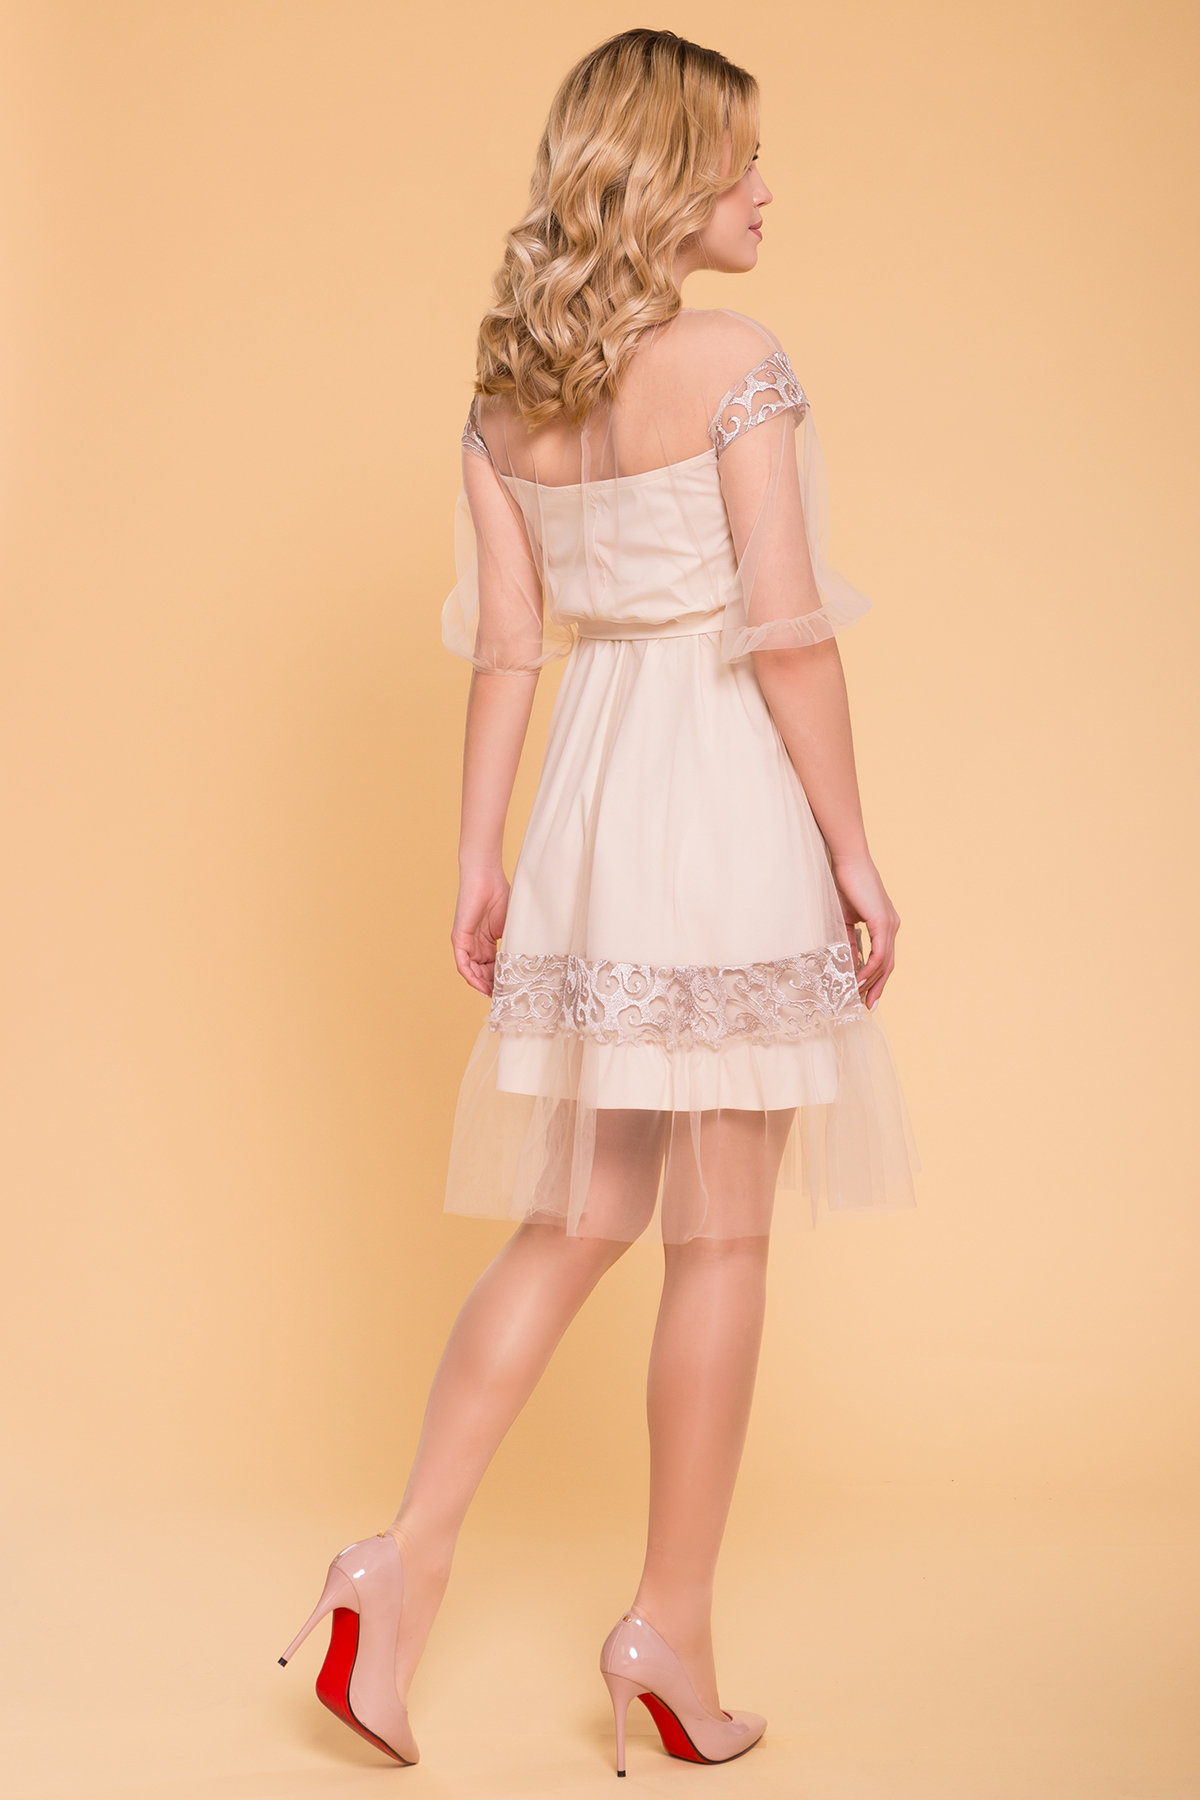 Нарядное Платье Фая 6649 АРТ. 41935 Цвет: Бежевый - фото 2, интернет магазин tm-modus.ru